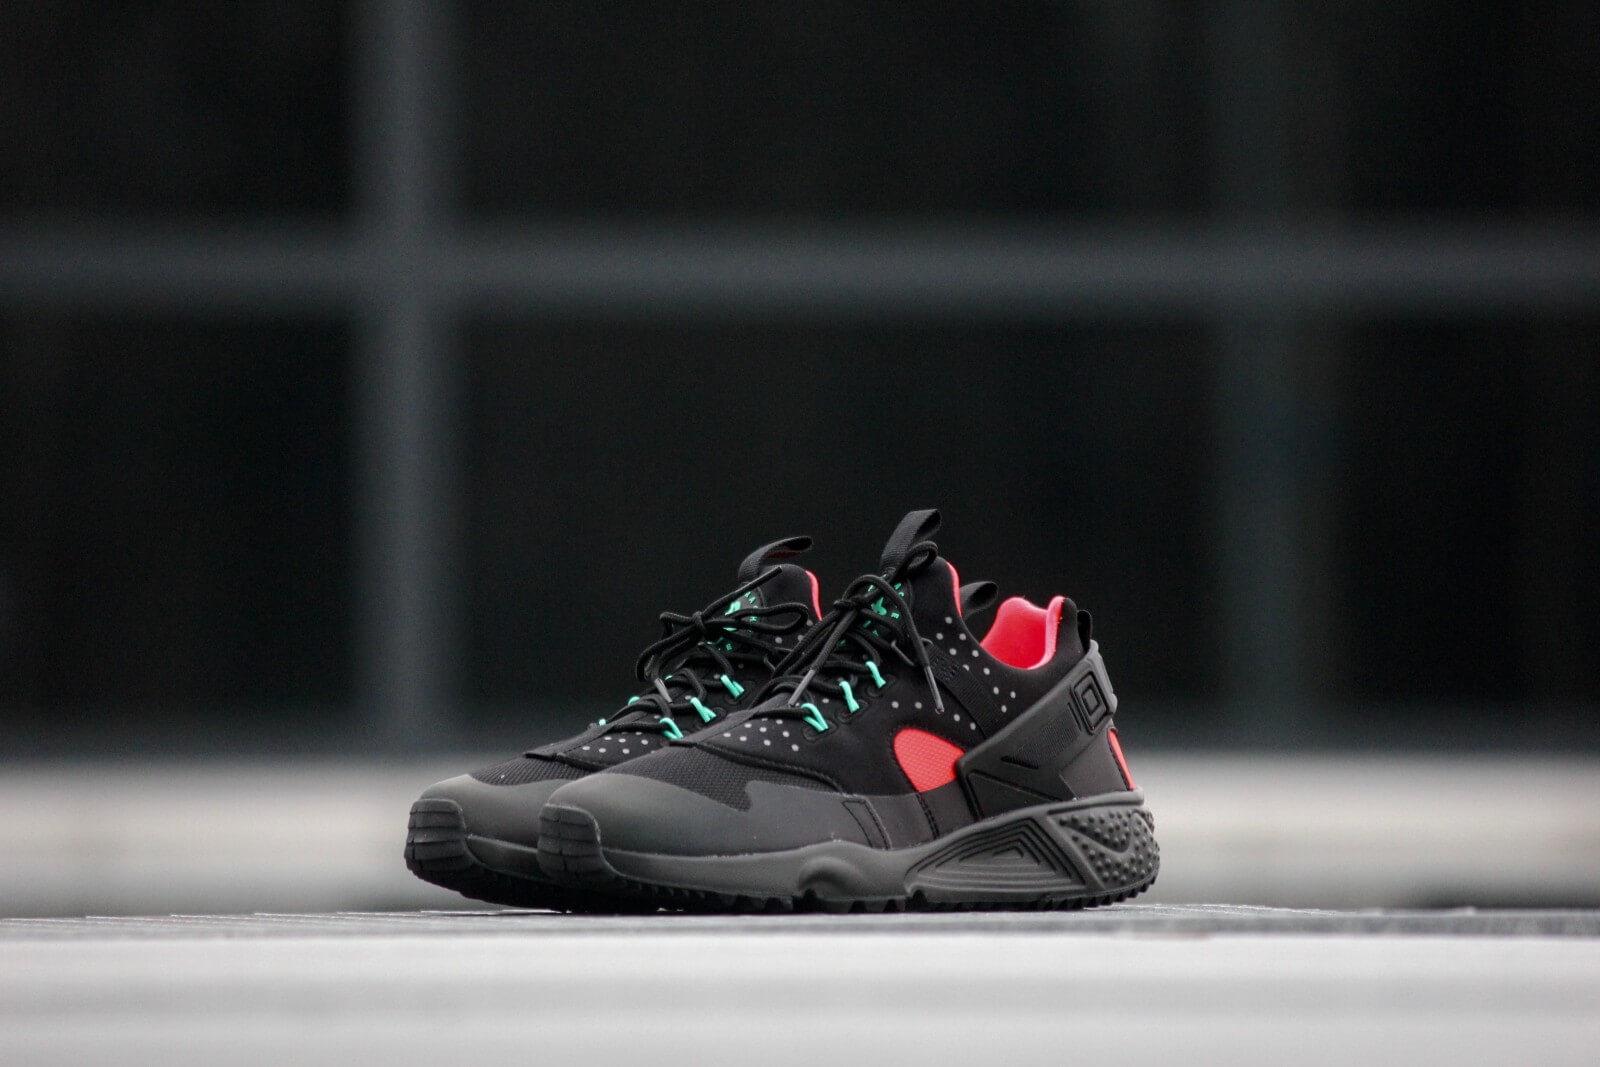 Nike Huarache Utility PRM Black/Bright